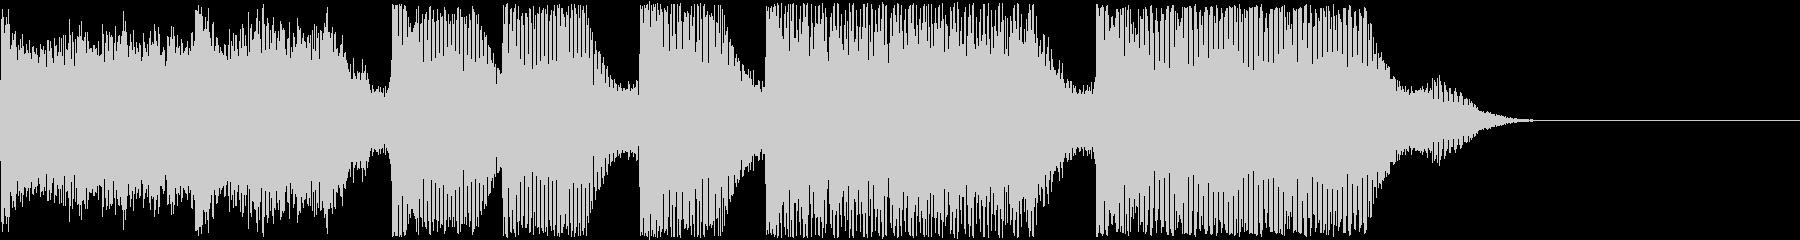 AI メカ/ロボ/マシン動作音 14の未再生の波形